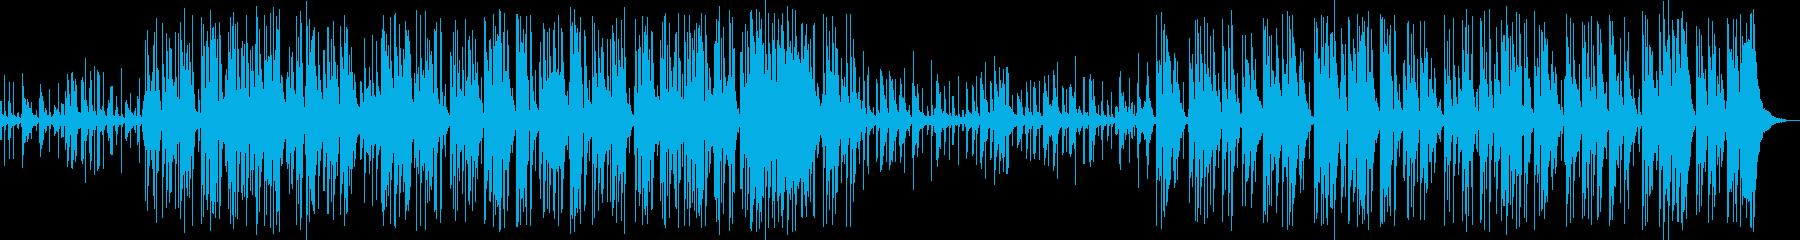 ベースの音色が心地よいモダンなジャズの再生済みの波形